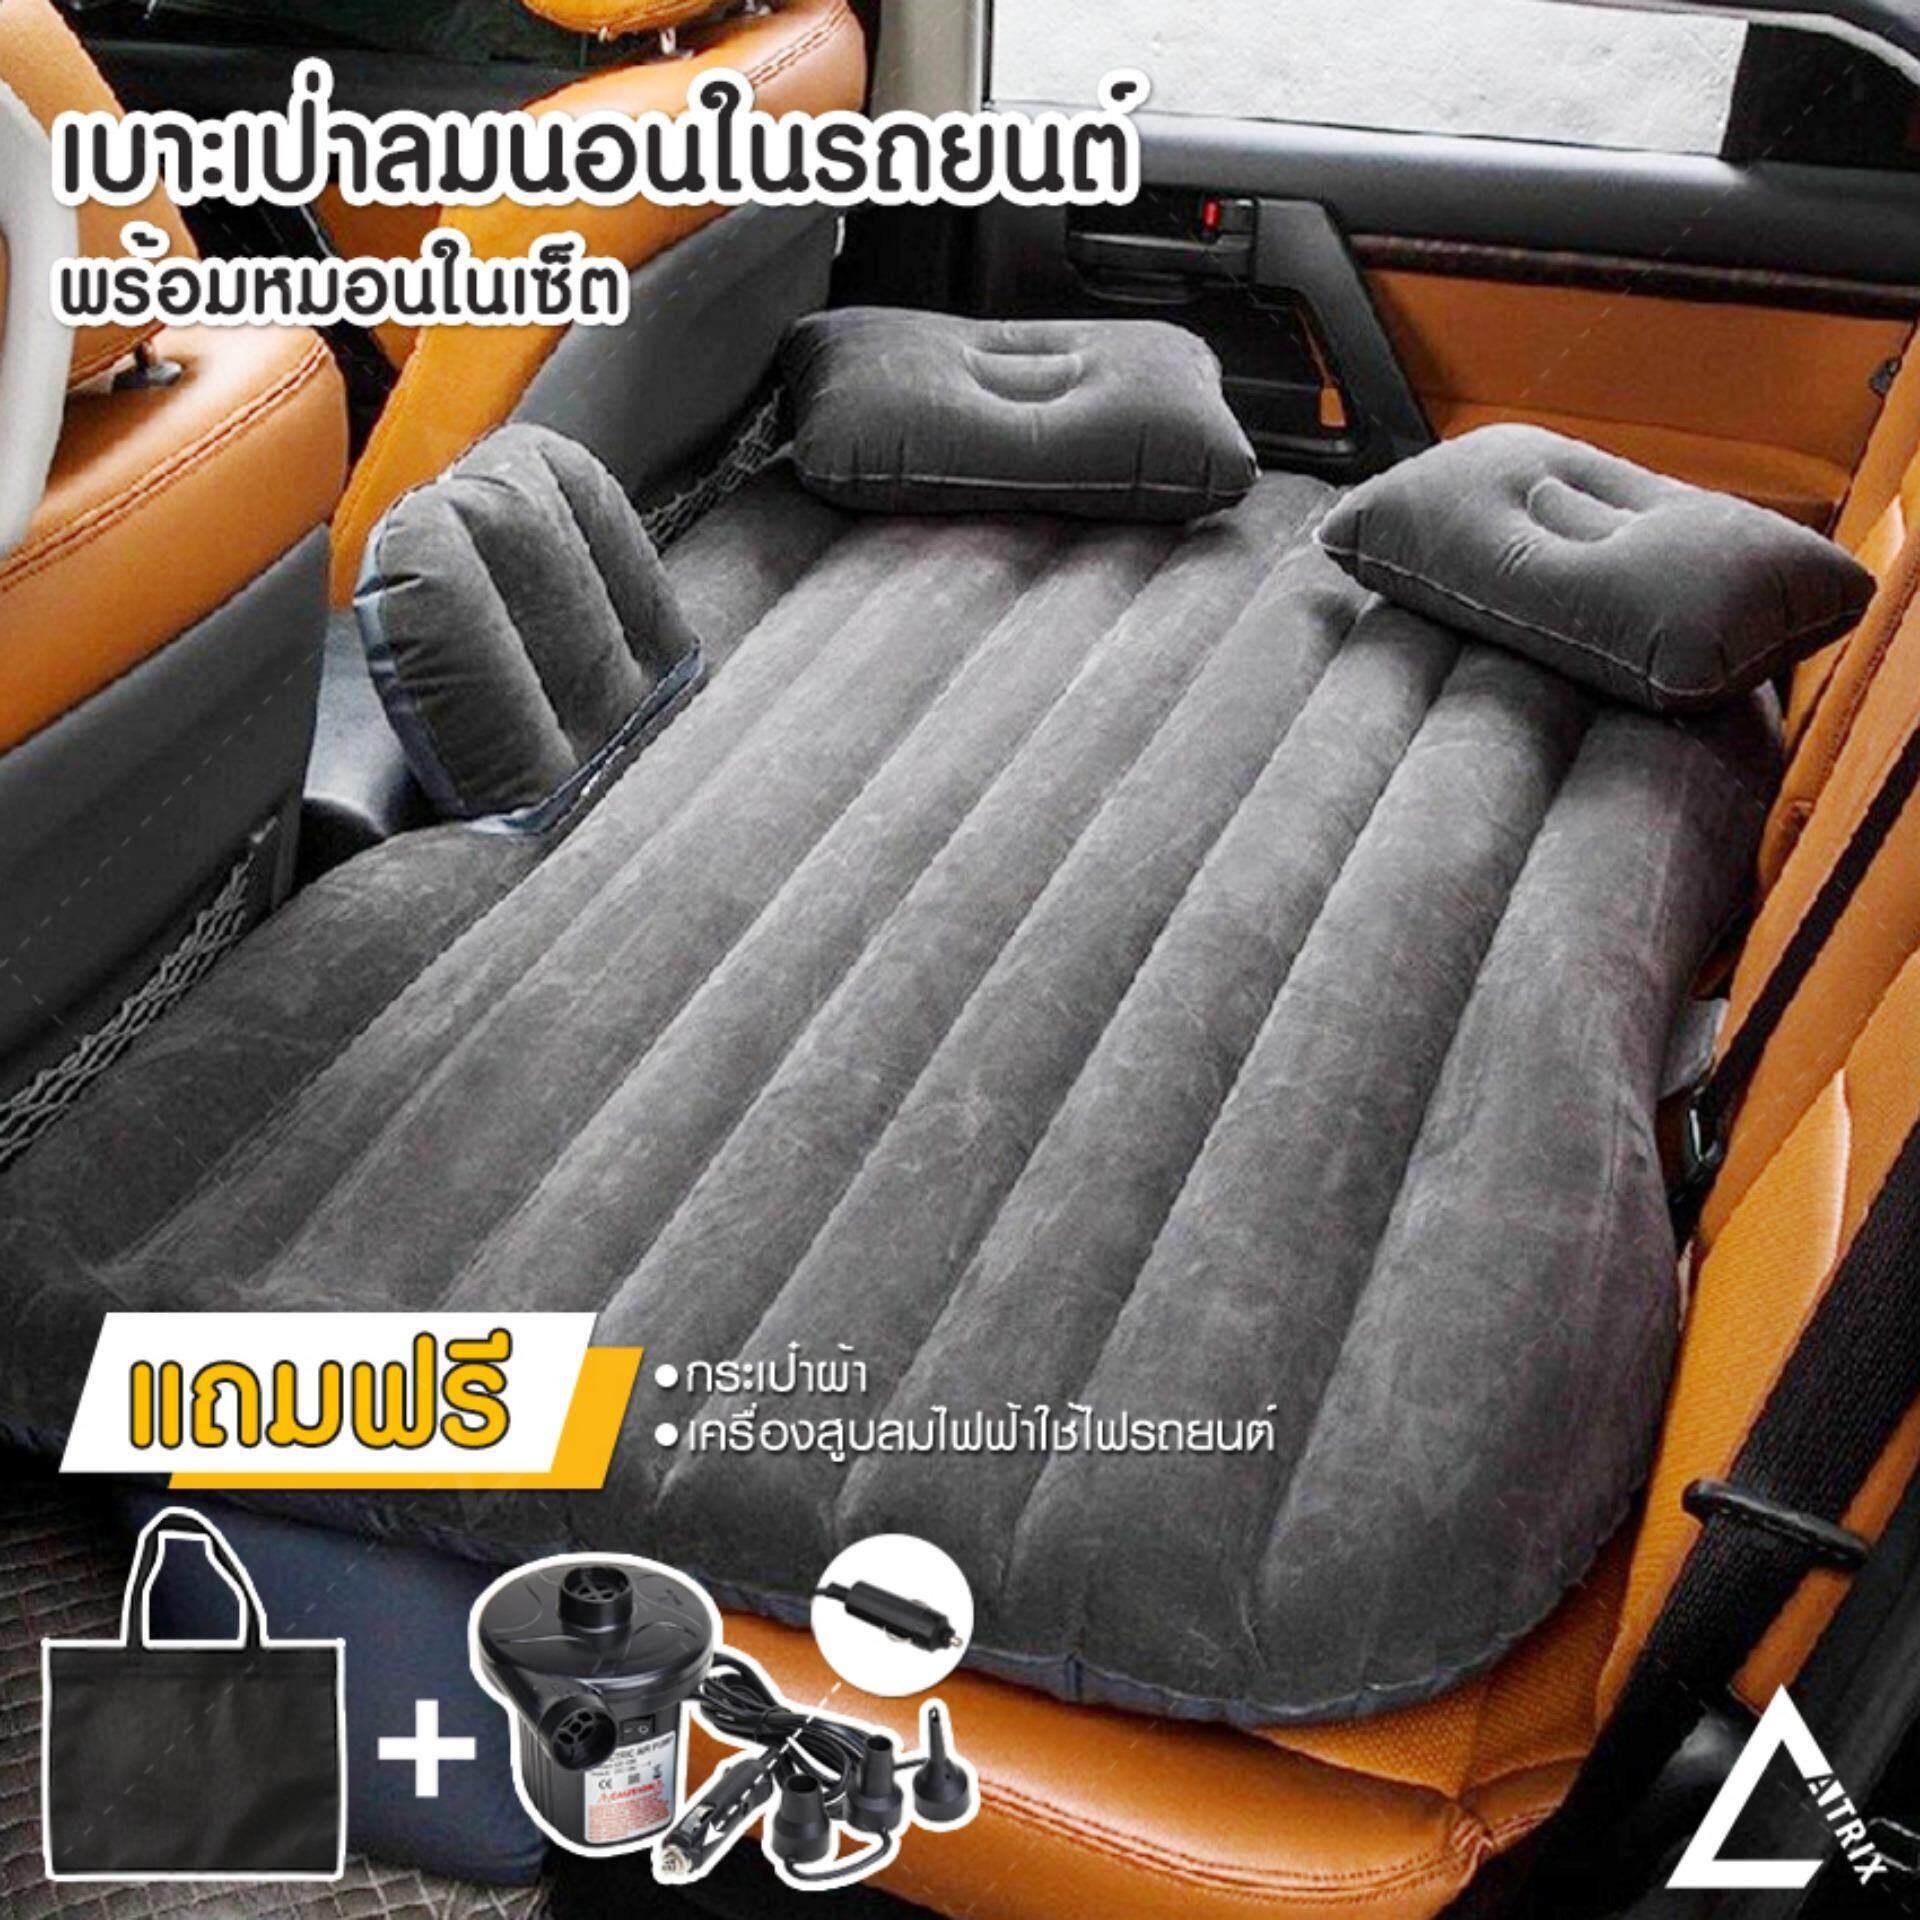 Atrix เบาะเป่าลมนอนในรถยนต์ ที่นอนในรถ Inflatable Bed In Car มีที่กันคอนโซลหน้า พื้นผิวกำมะหยี่นุ่มสบาย ทนทาน ยืดหยุ่นสูงใช้เป็นเบาะรองนั่งนอกสถานที่ เป็นแพลอยในน้ำได้ รุ่น Kds 0009 สีดำ Black แถมฟรีเครื่องเป่าลมในรถ เป็นต้นฉบับ